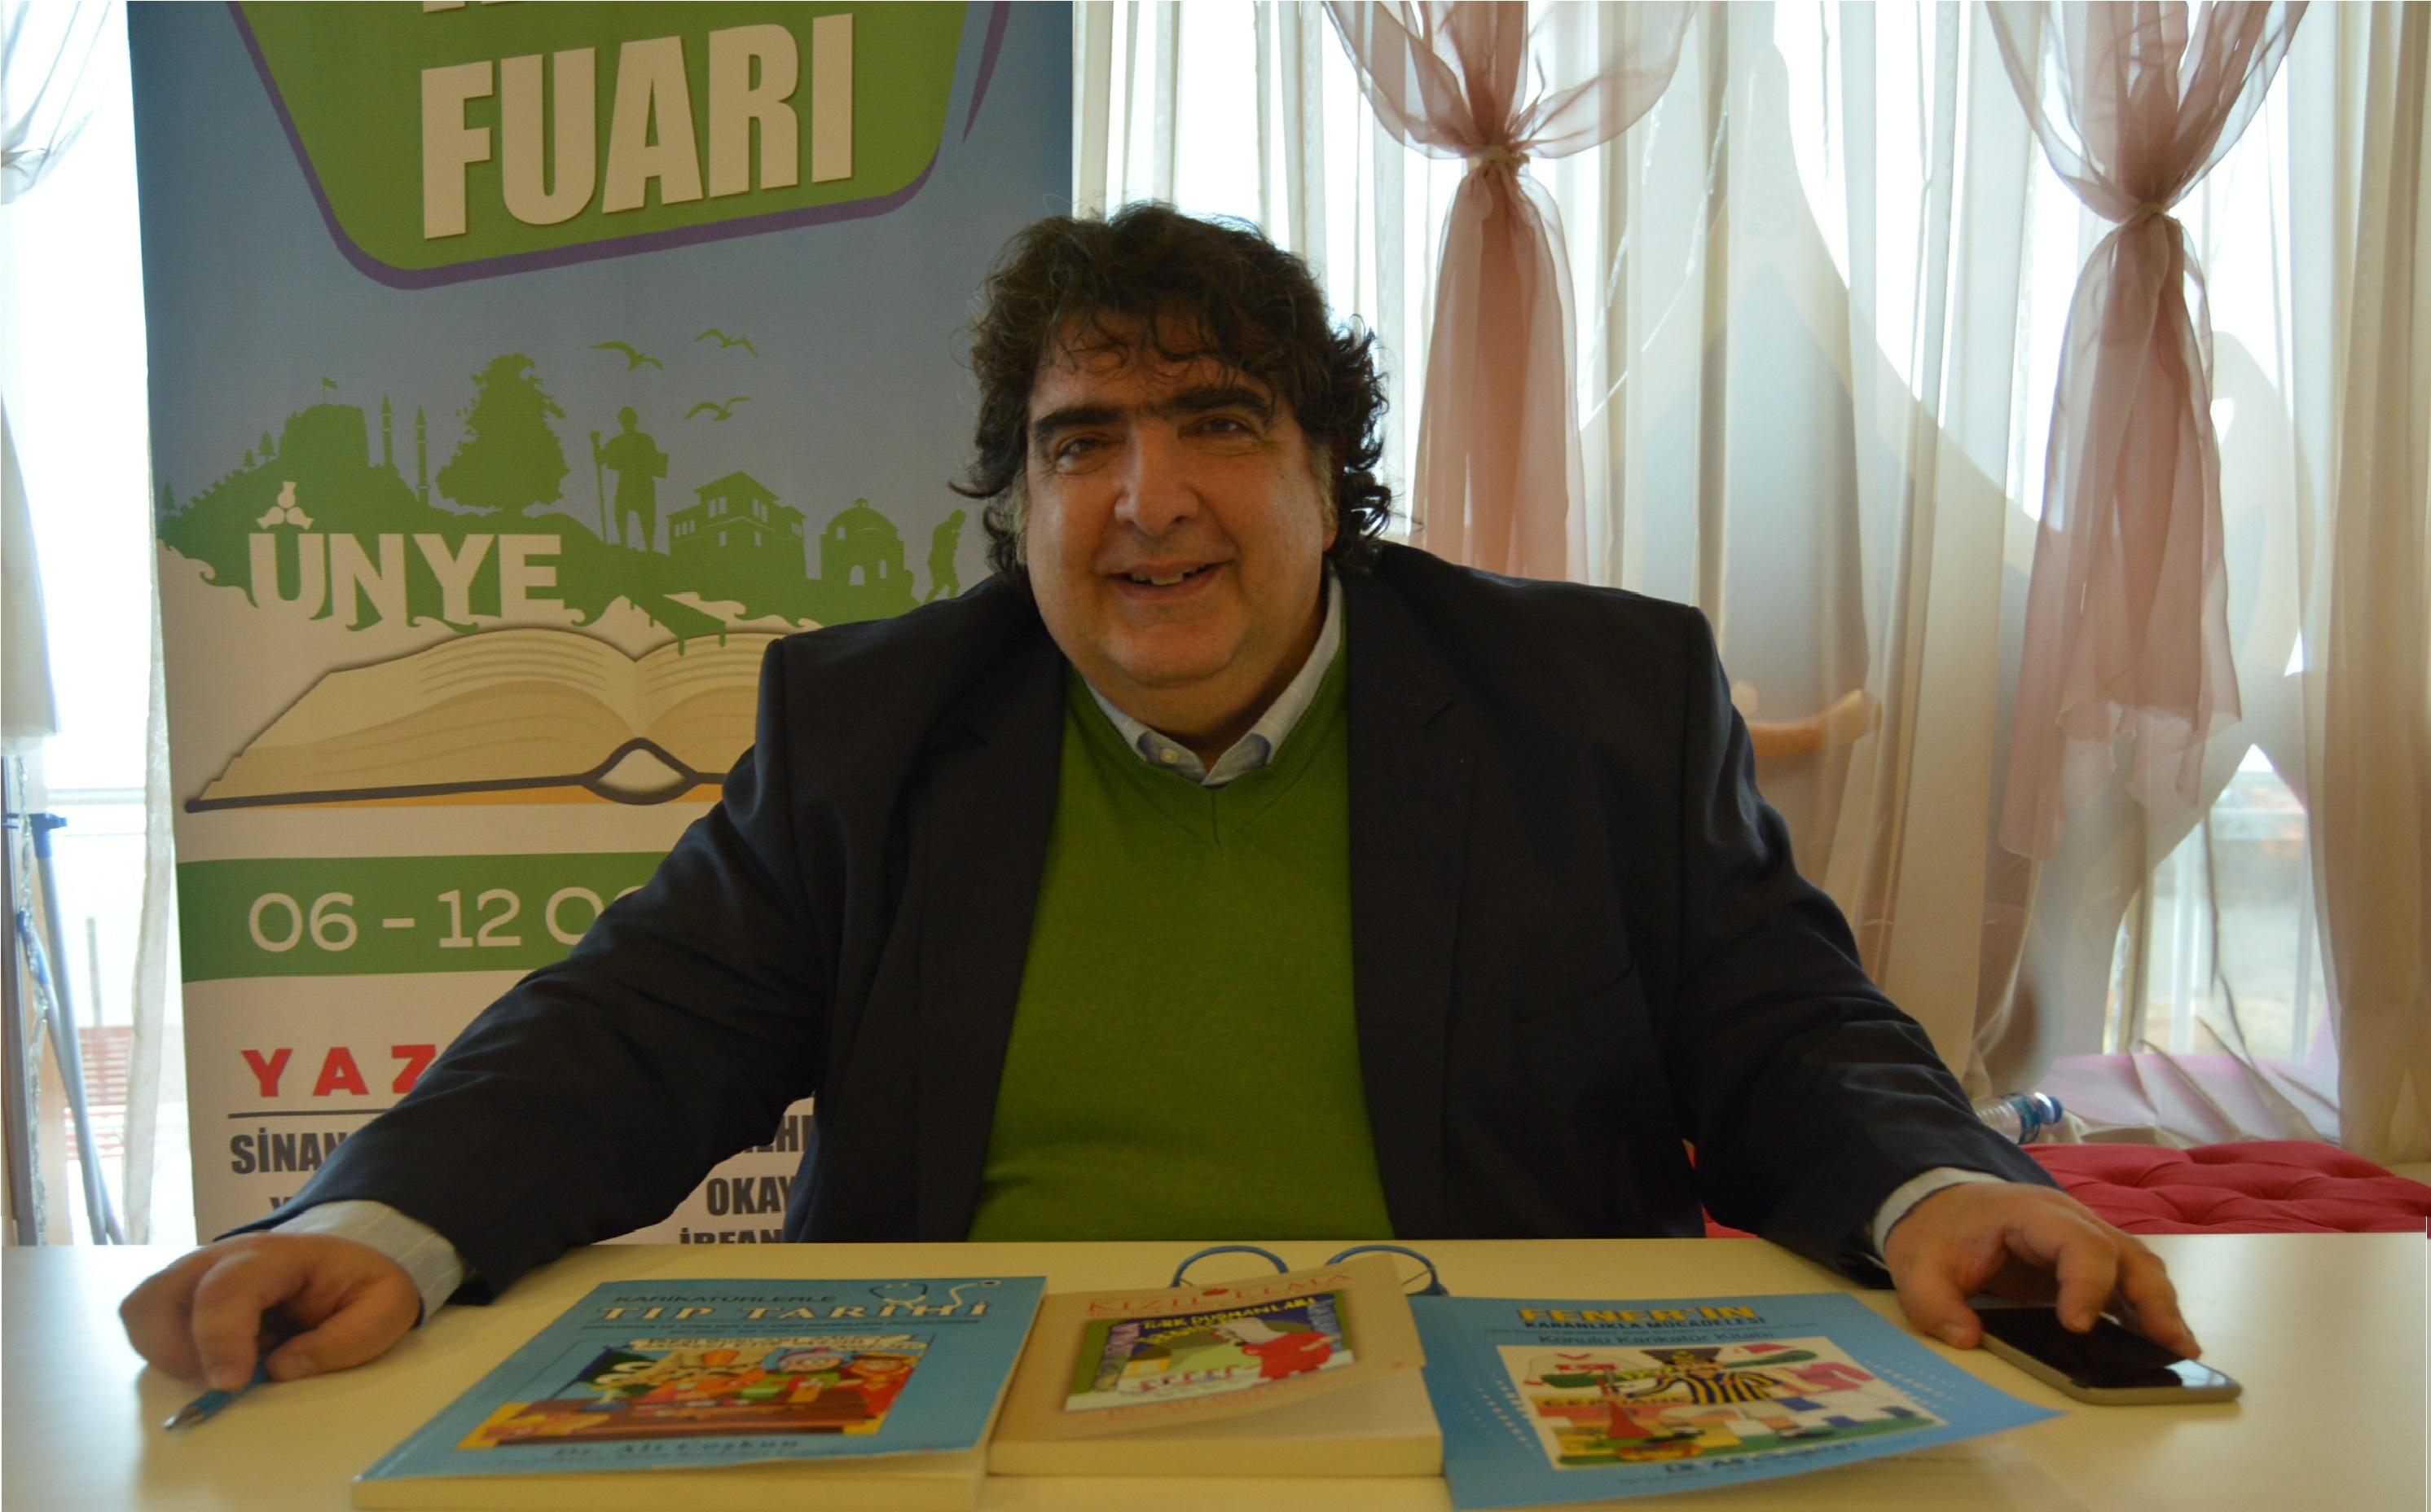 Dr. Ali Coşkun Ünye Fuarında